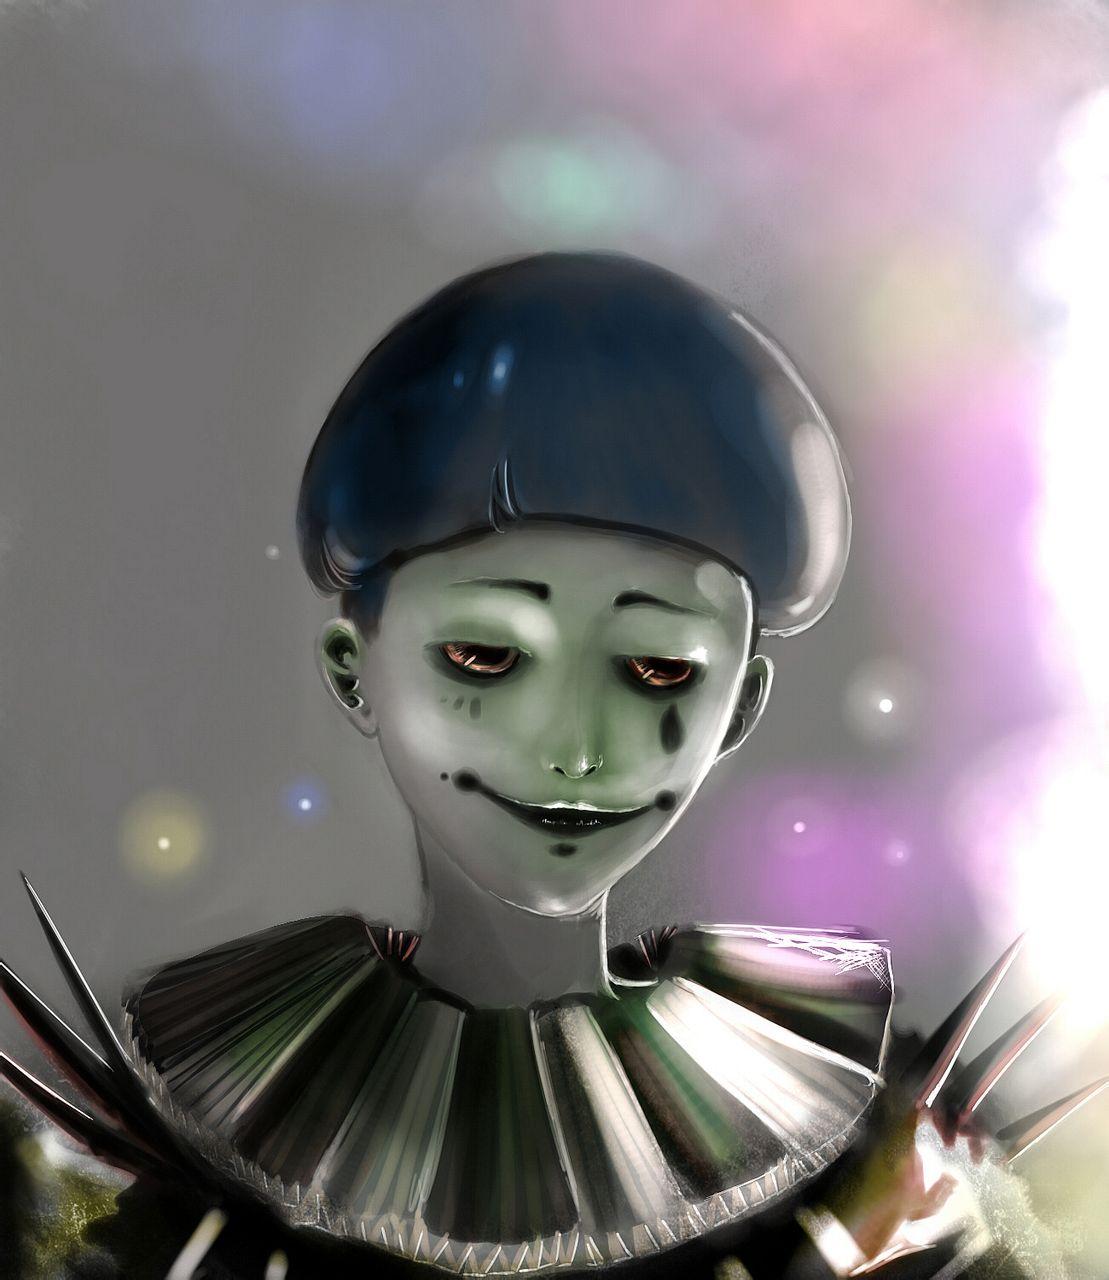 小丑面具下的哭泣_蝙蝠侠小丑面具_恐怖小丑面具 ...